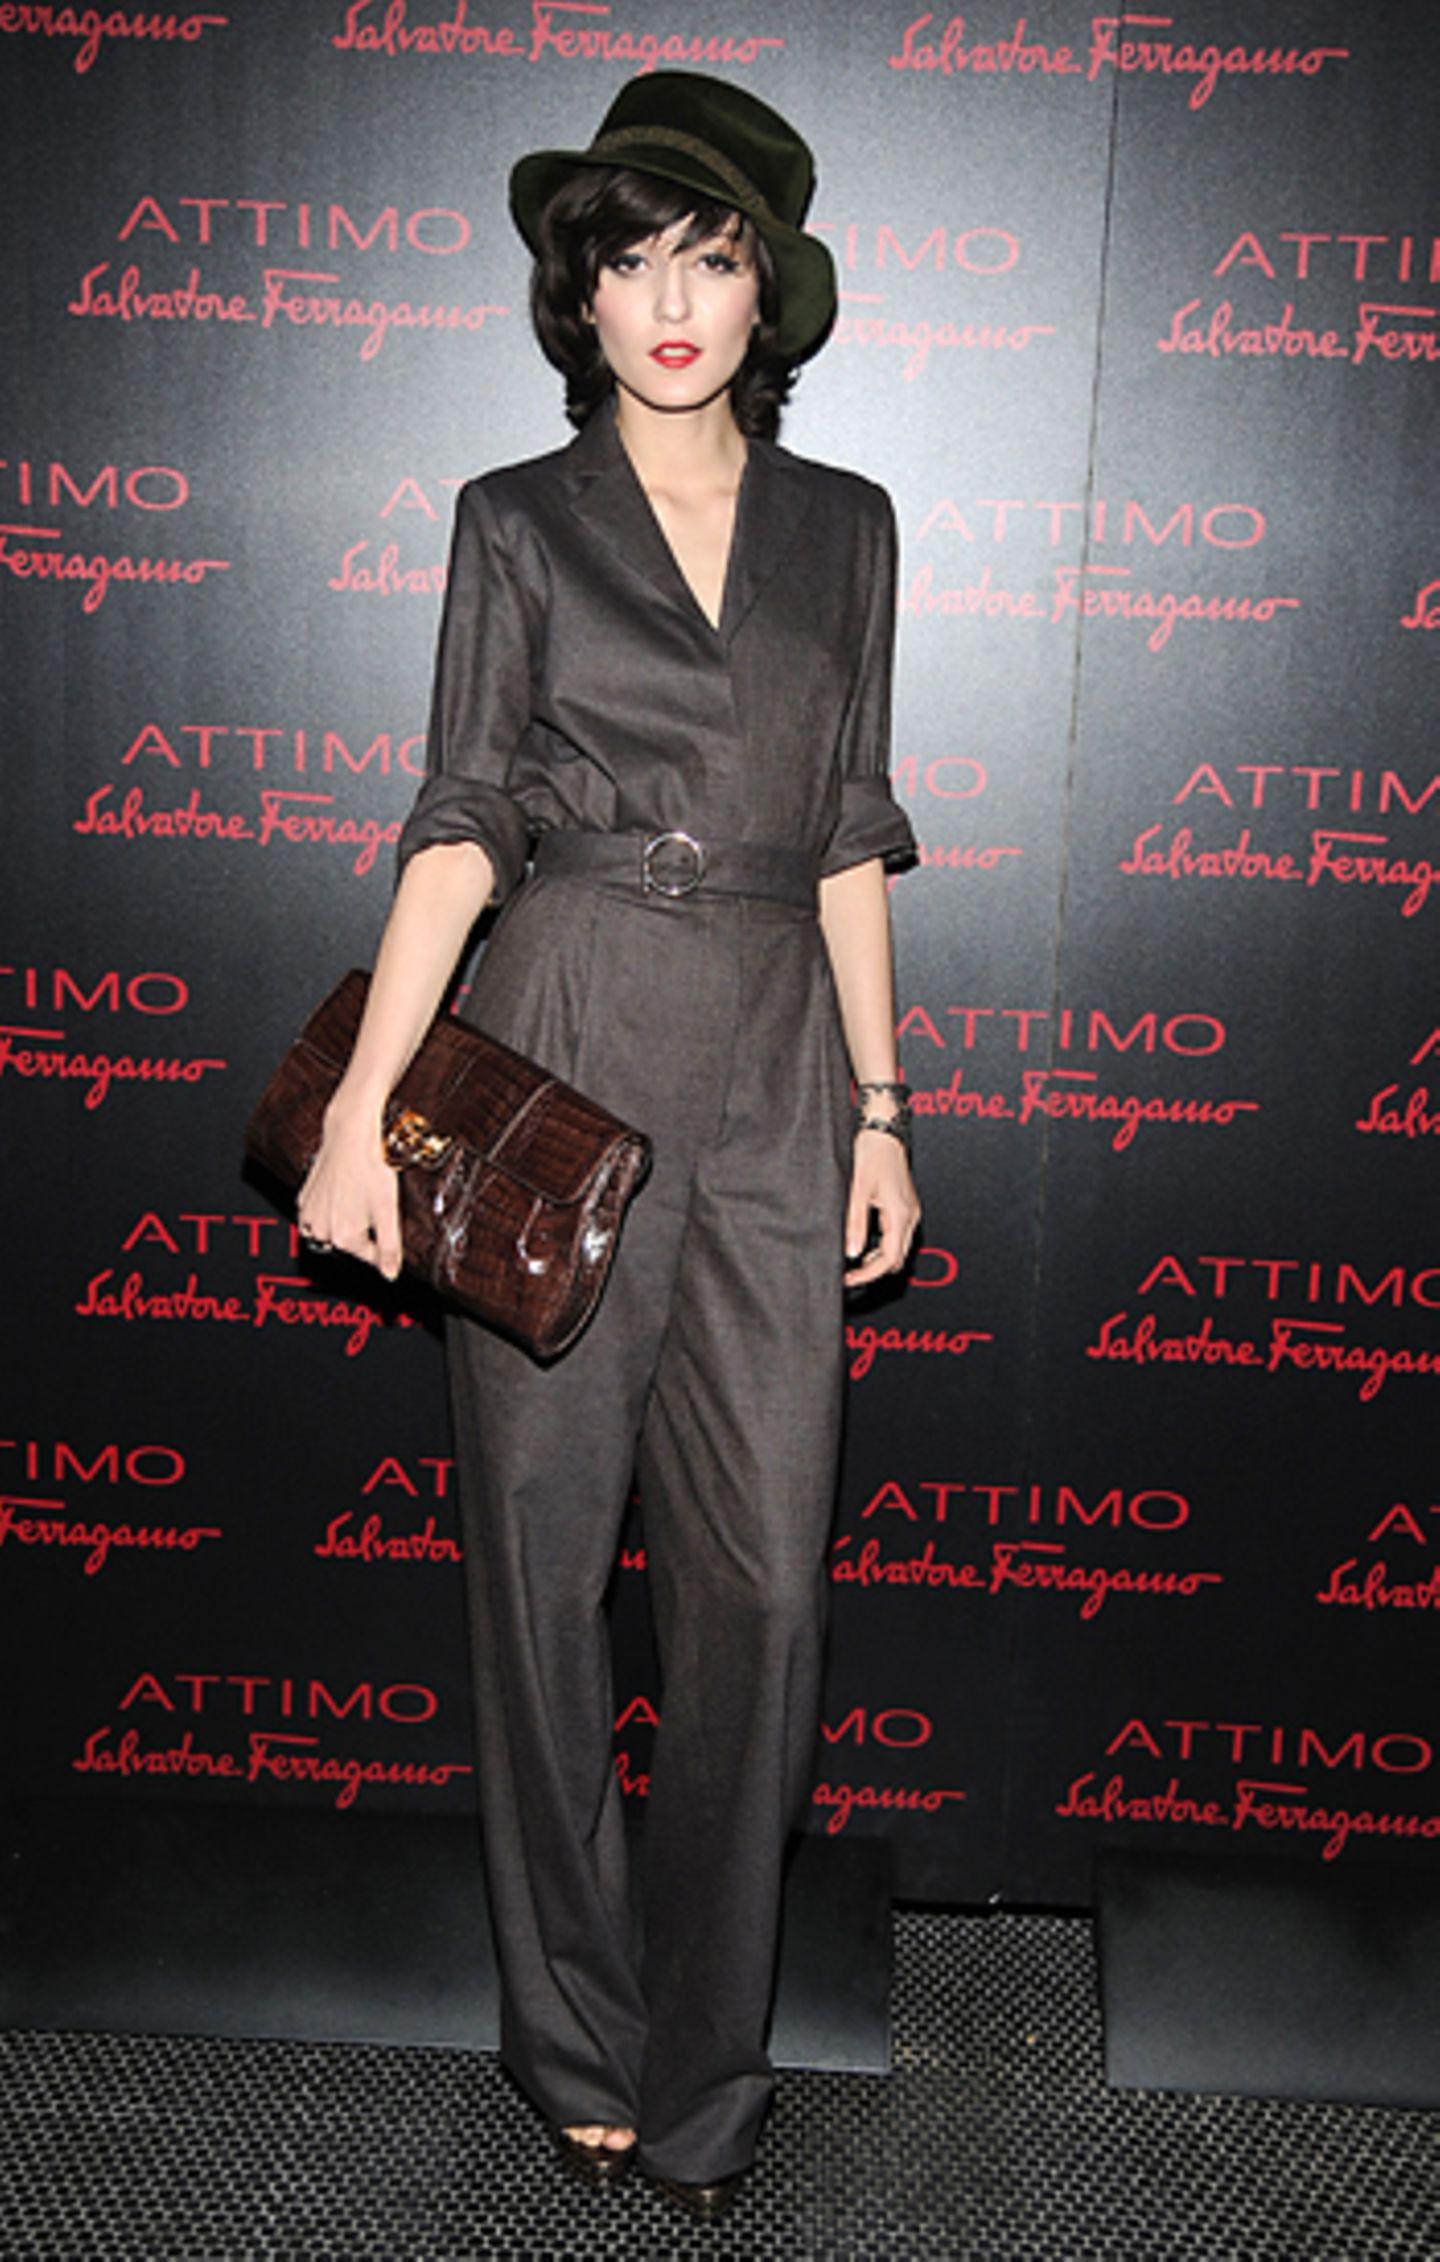 30. Juni 2010: Irina Lazareanu kommt zu dem Attimo-Duft-Event in einem eleganten Overall und setzt mit dem Hut und der Clutch no